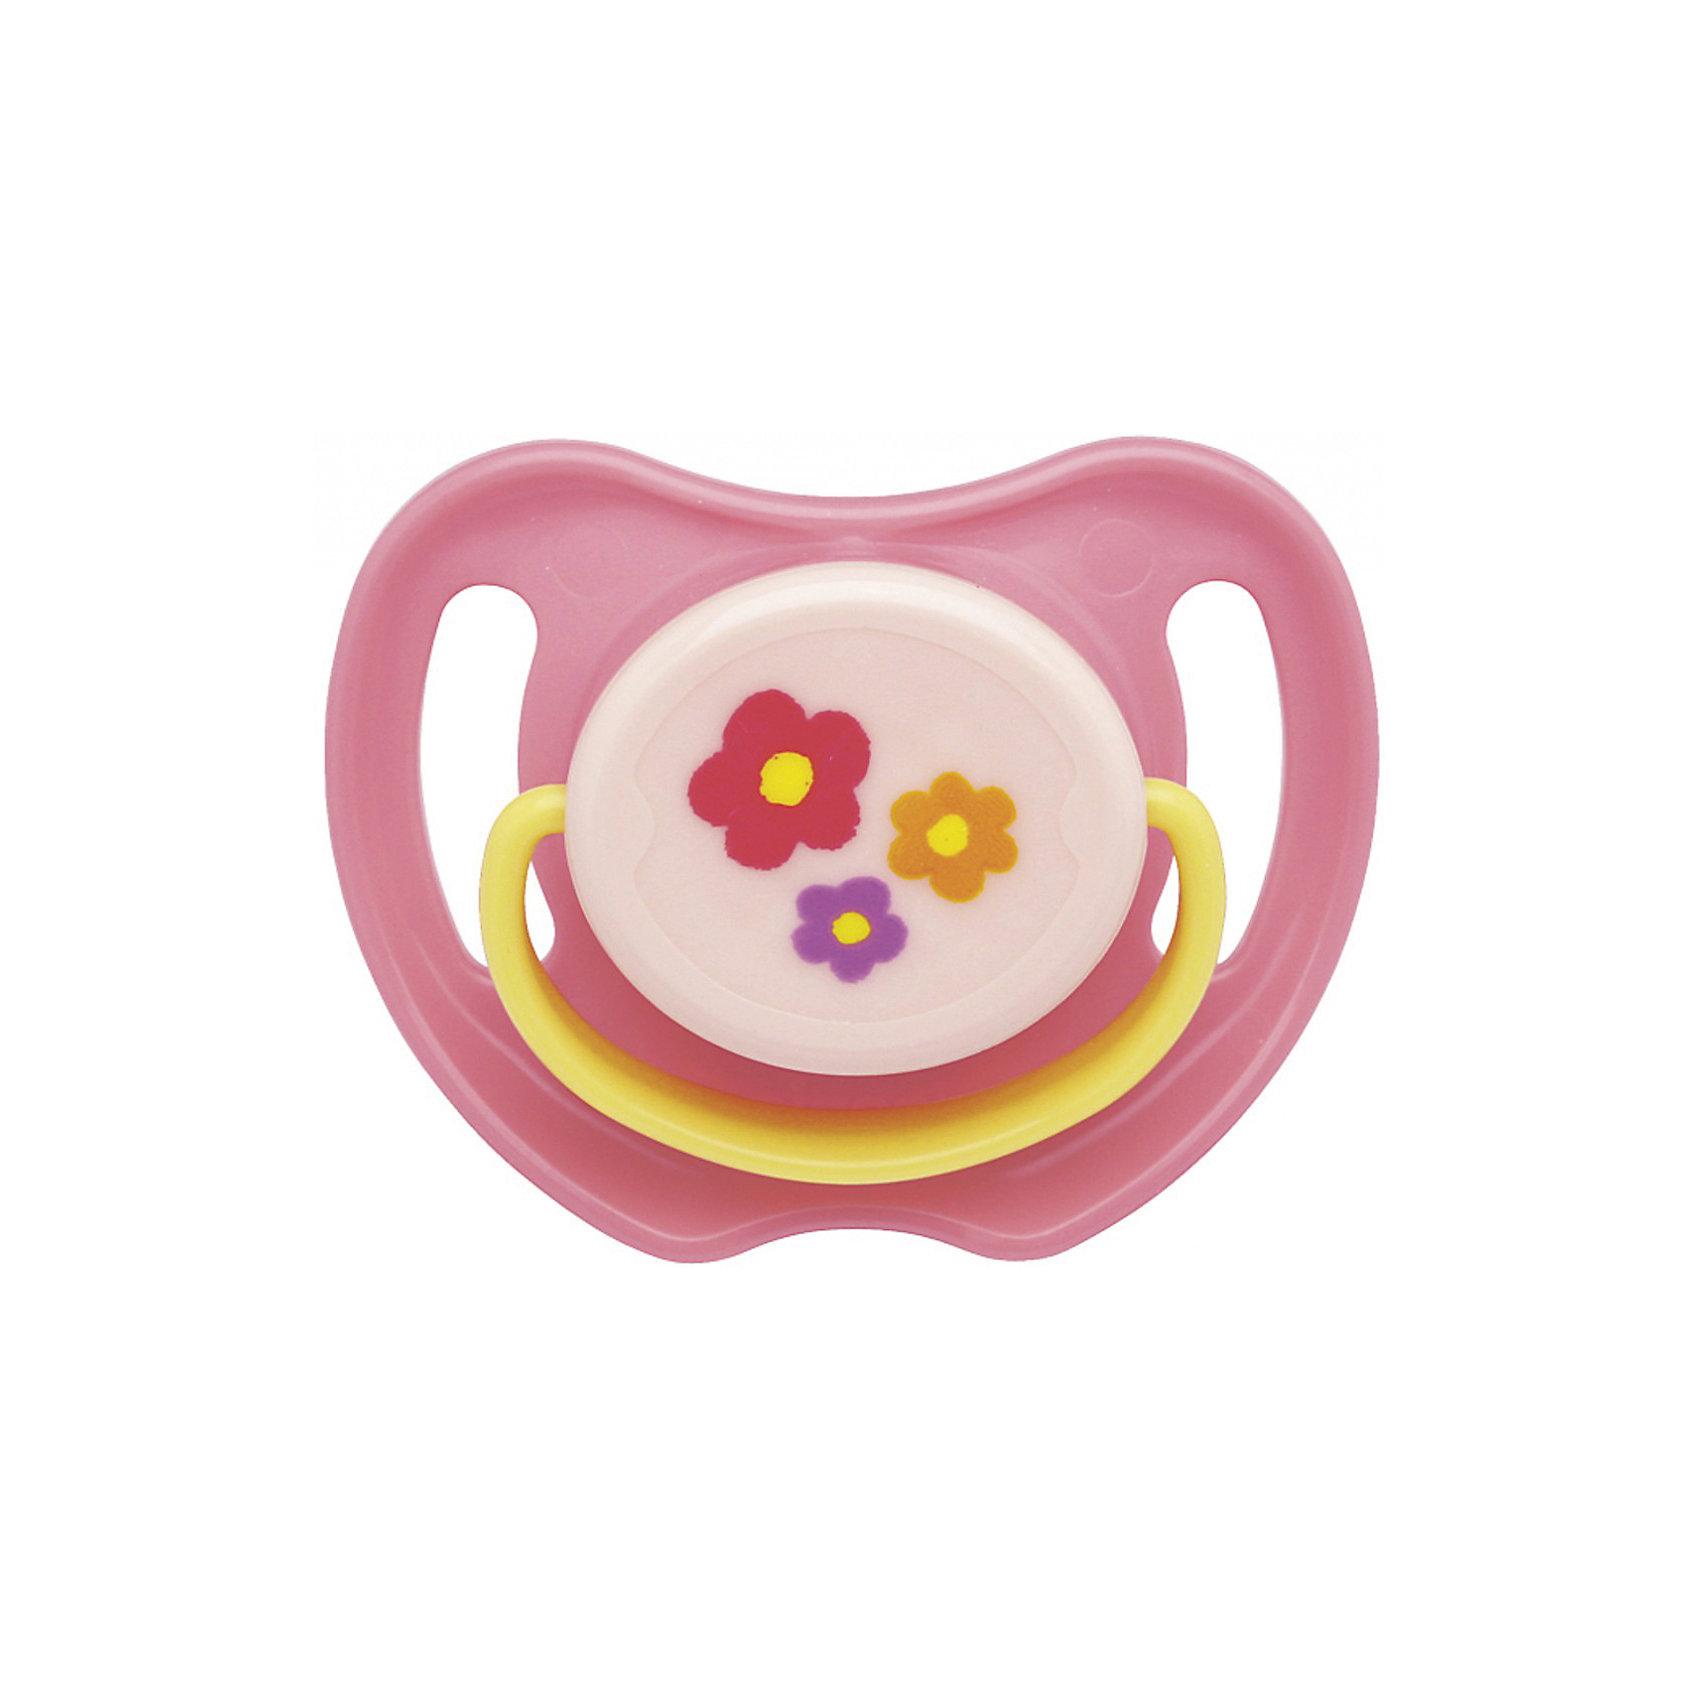 Пустышка Цветочек 0+ мес (S), PigeonПустышки и аксессуары<br>Силиконовая пустышка для малыша декорирована изображением цветочка. Соска ортодонтической формы со скошенным кончиком, анатомическая форма диска, специальные вентиляционные отверстия на пустышке улучшают циркуляцию воздуха. В комплекте идет защитный колпачок для пустышки.  <br><br>Дополнительная информация:<br><br>Размер: 0+ мес (S)<br>Материал: полипропилен, силикон<br><br>Пустышку Цветочек 0+ мес (S), Pigeon можно купить в нашем интернет-магазине.<br><br>Ширина мм: 300<br>Глубина мм: 100<br>Высота мм: 50<br>Вес г: 100<br>Возраст от месяцев: -2147483648<br>Возраст до месяцев: 2147483647<br>Пол: Унисекс<br>Возраст: Детский<br>SKU: 5008352